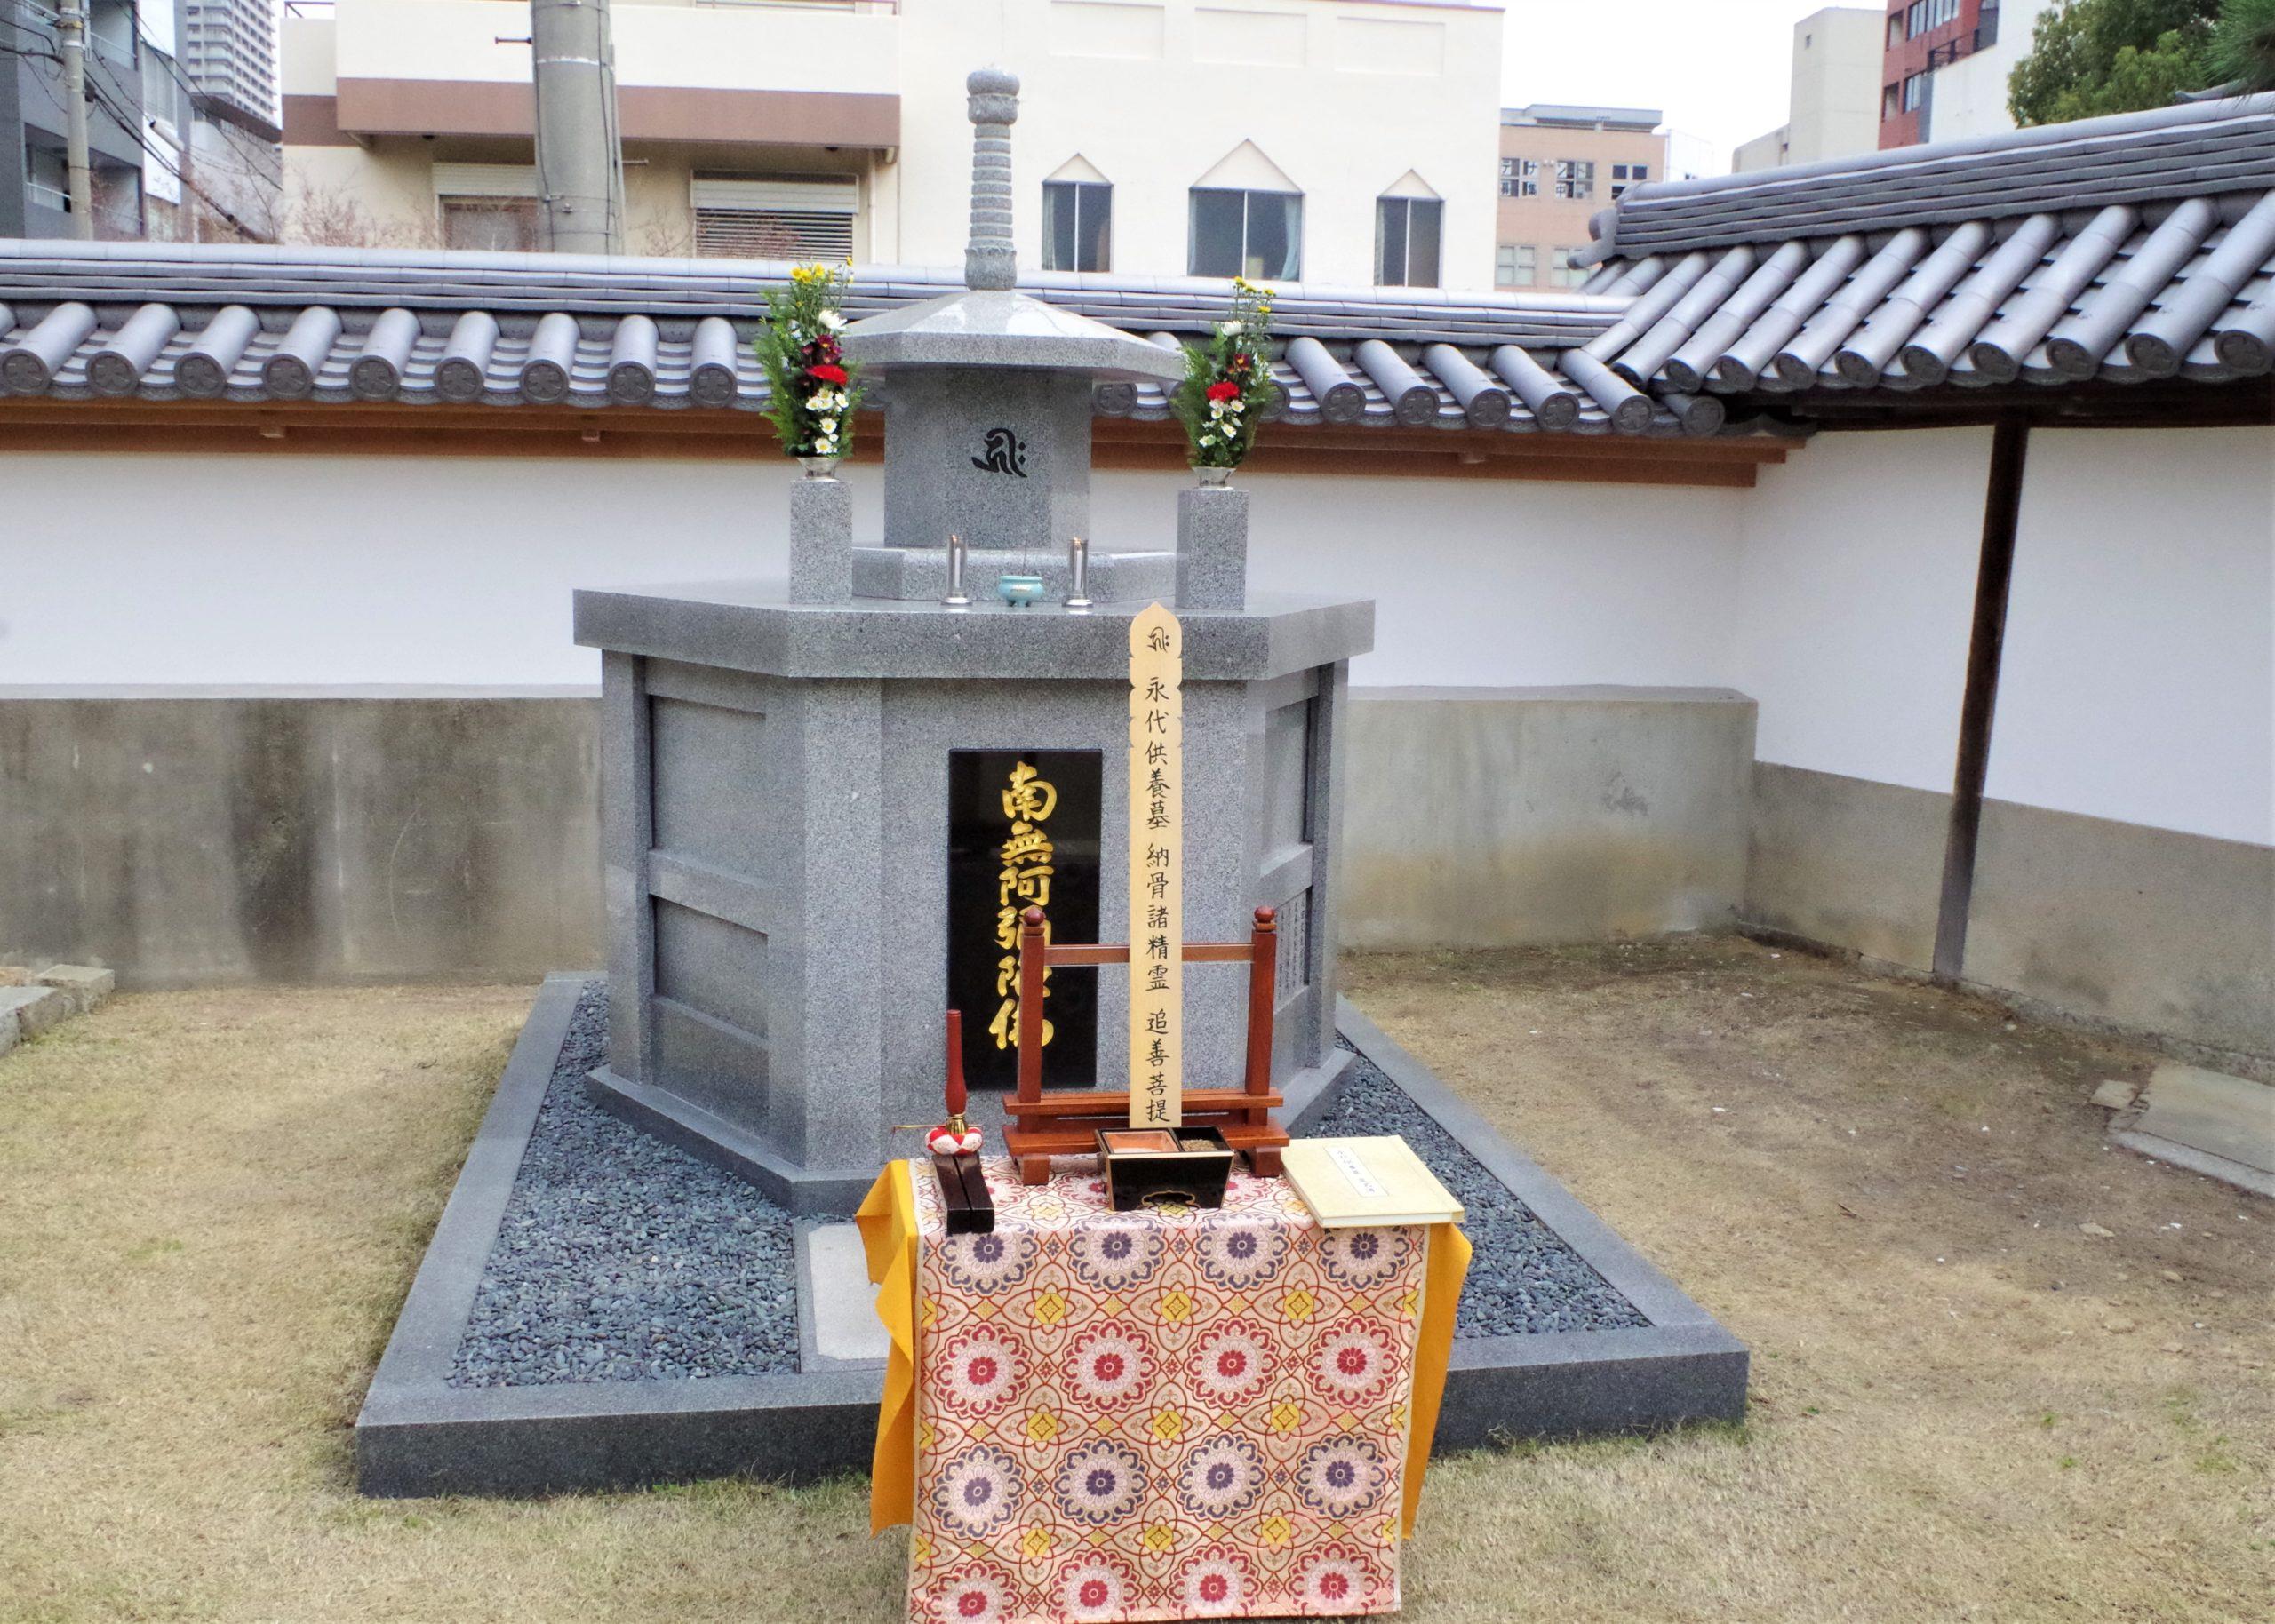 大乗寺 墓前供養2020 2